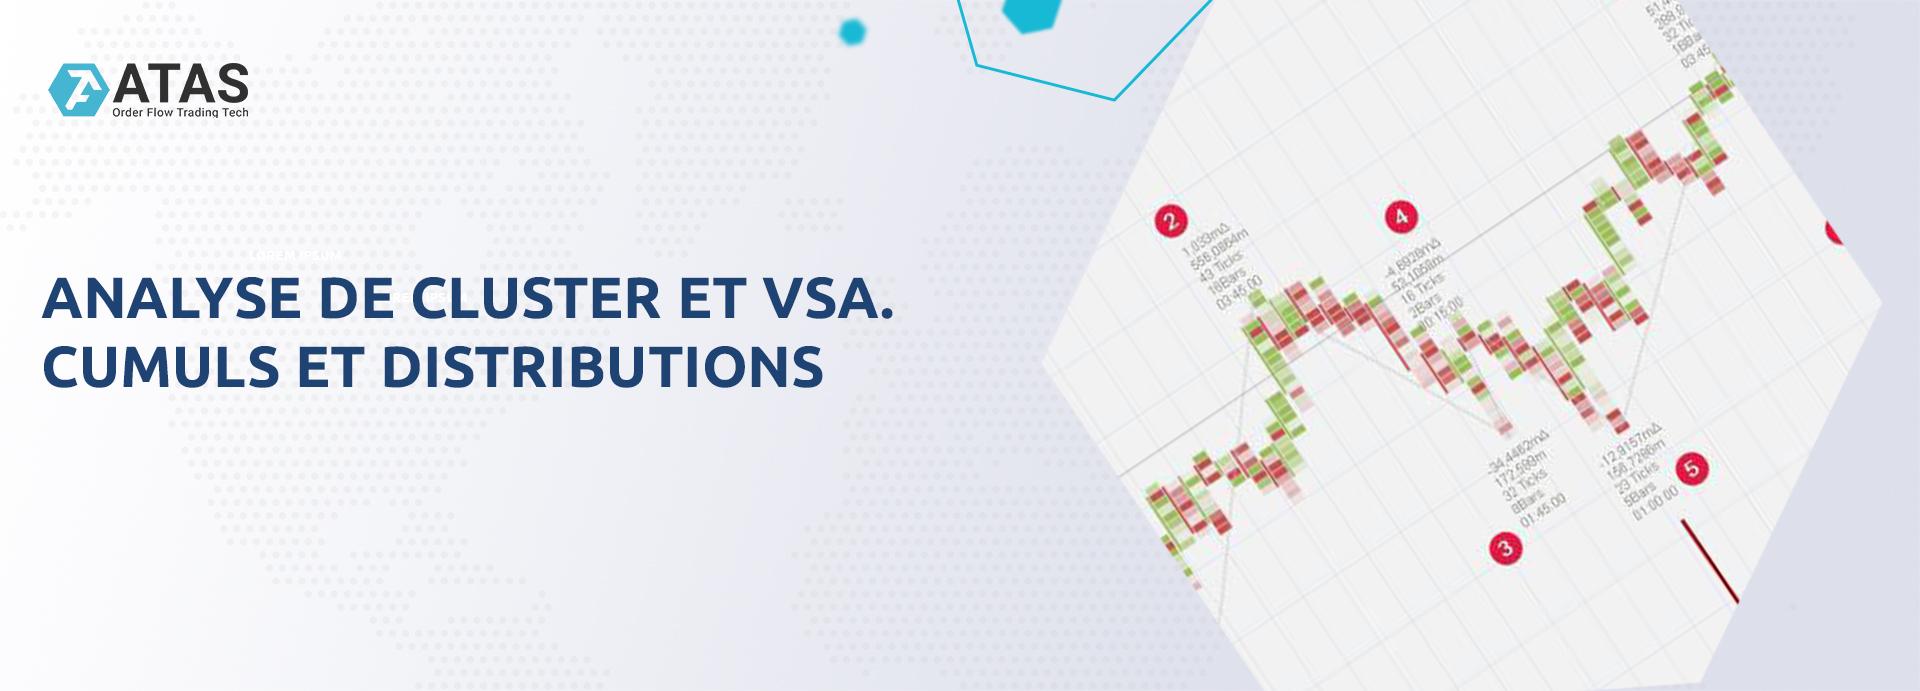 Analyse de cluster et VSA. Cumuls et distributions